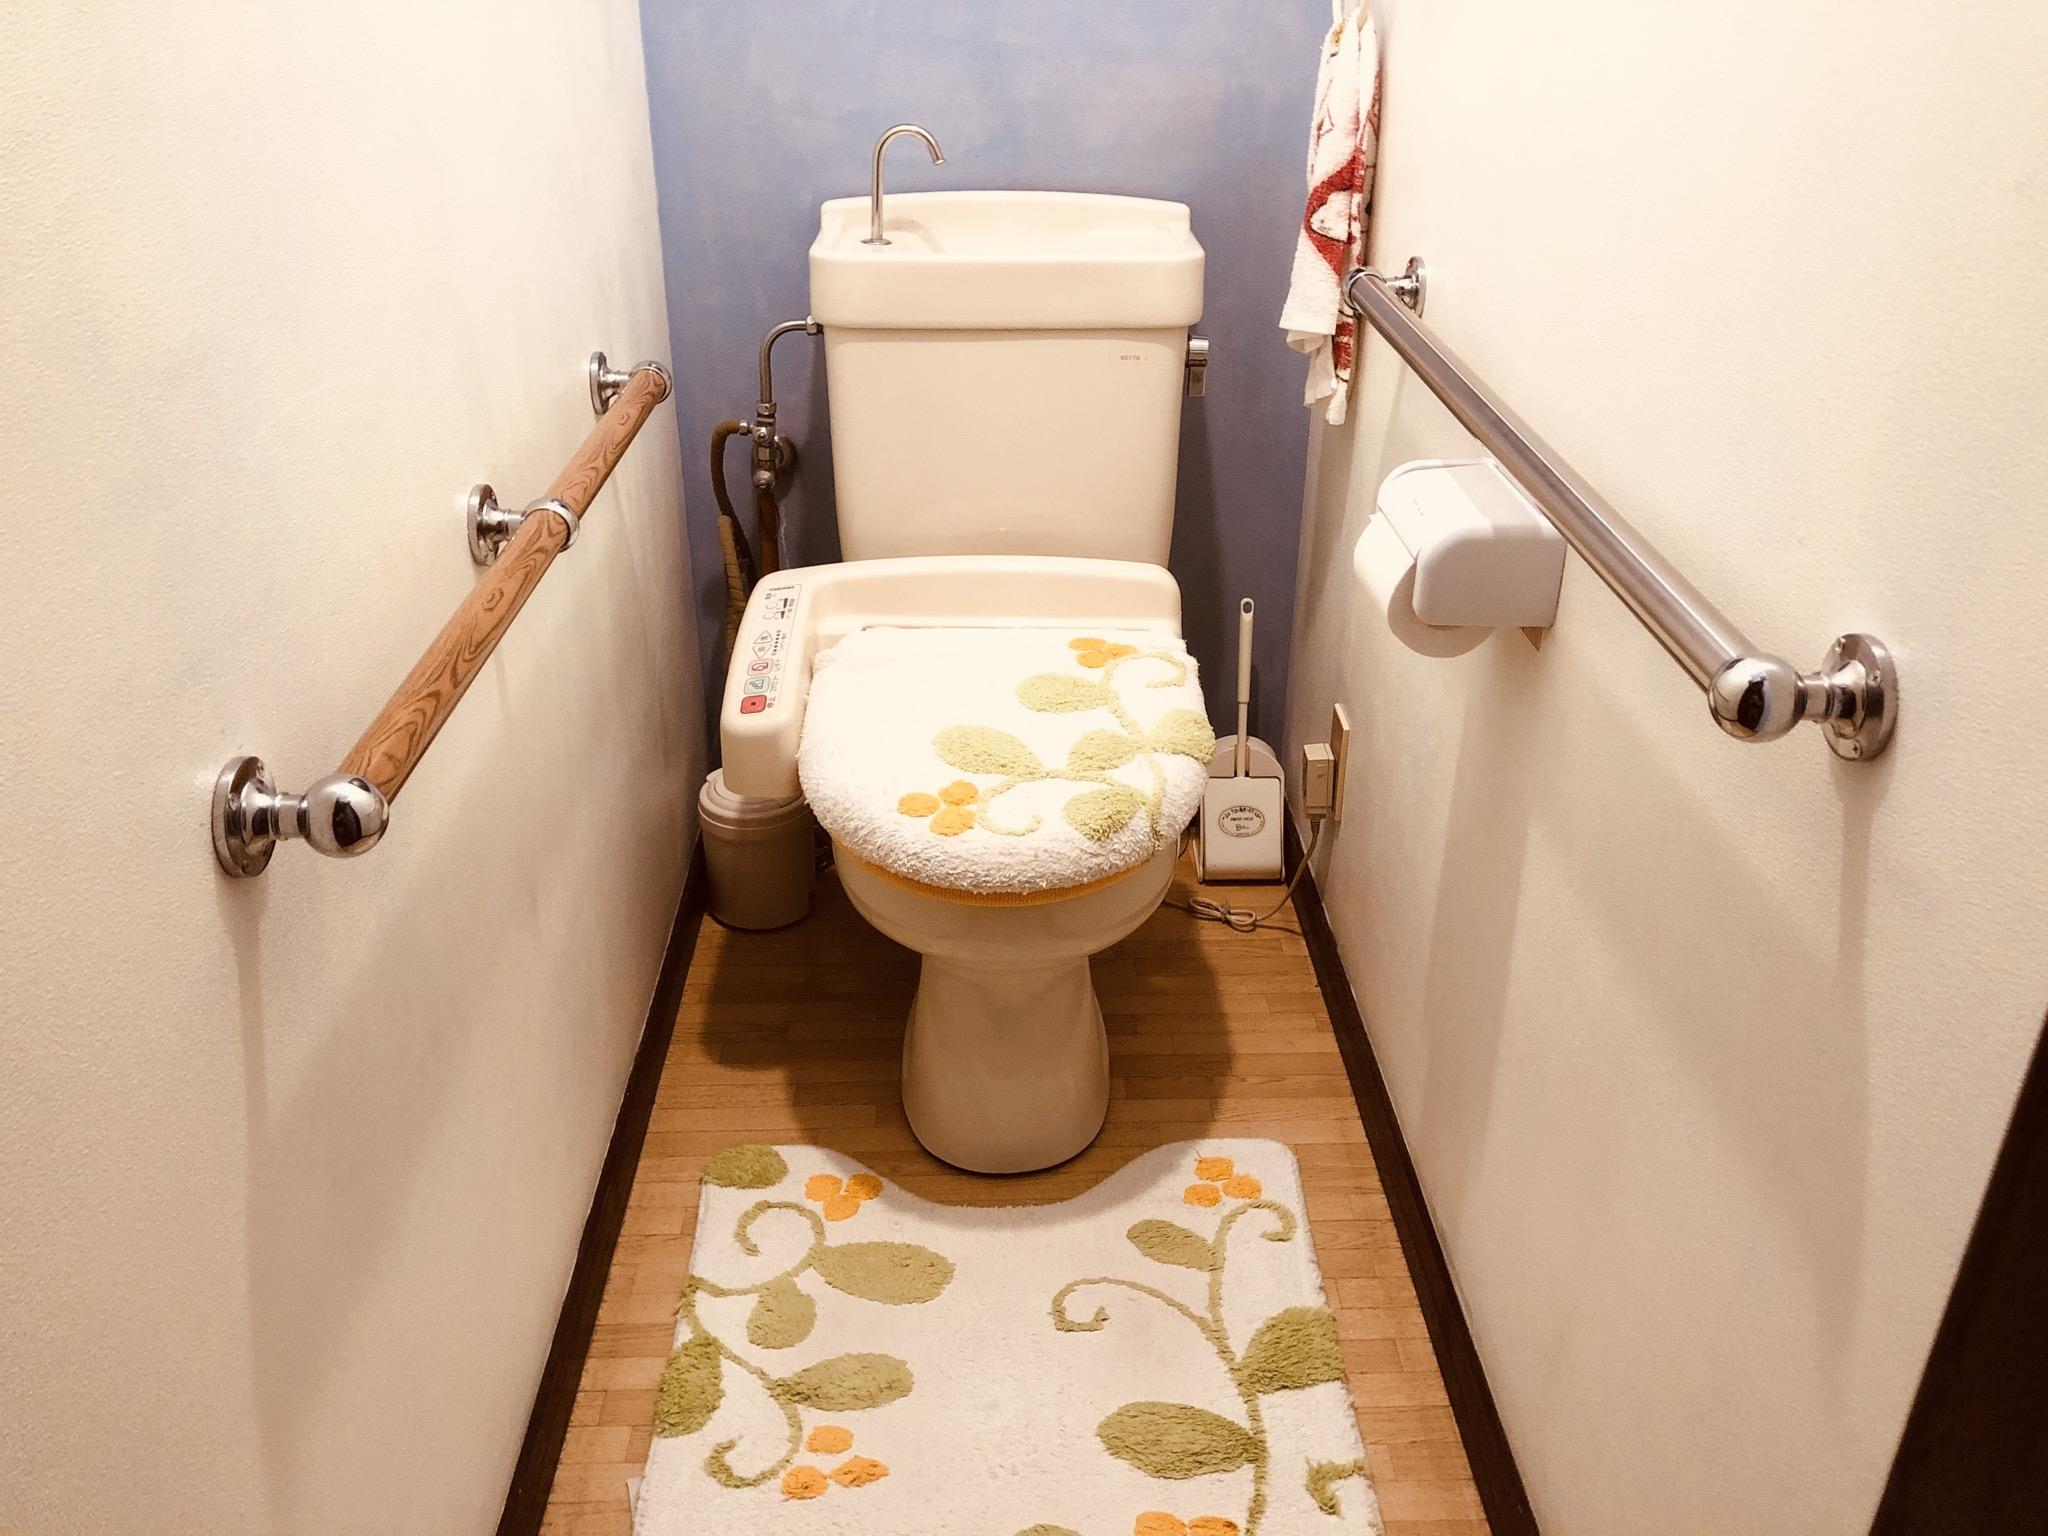 トイレ 流れ ない バリウム トイレに沈殿したバリウムを綺麗に流す方法